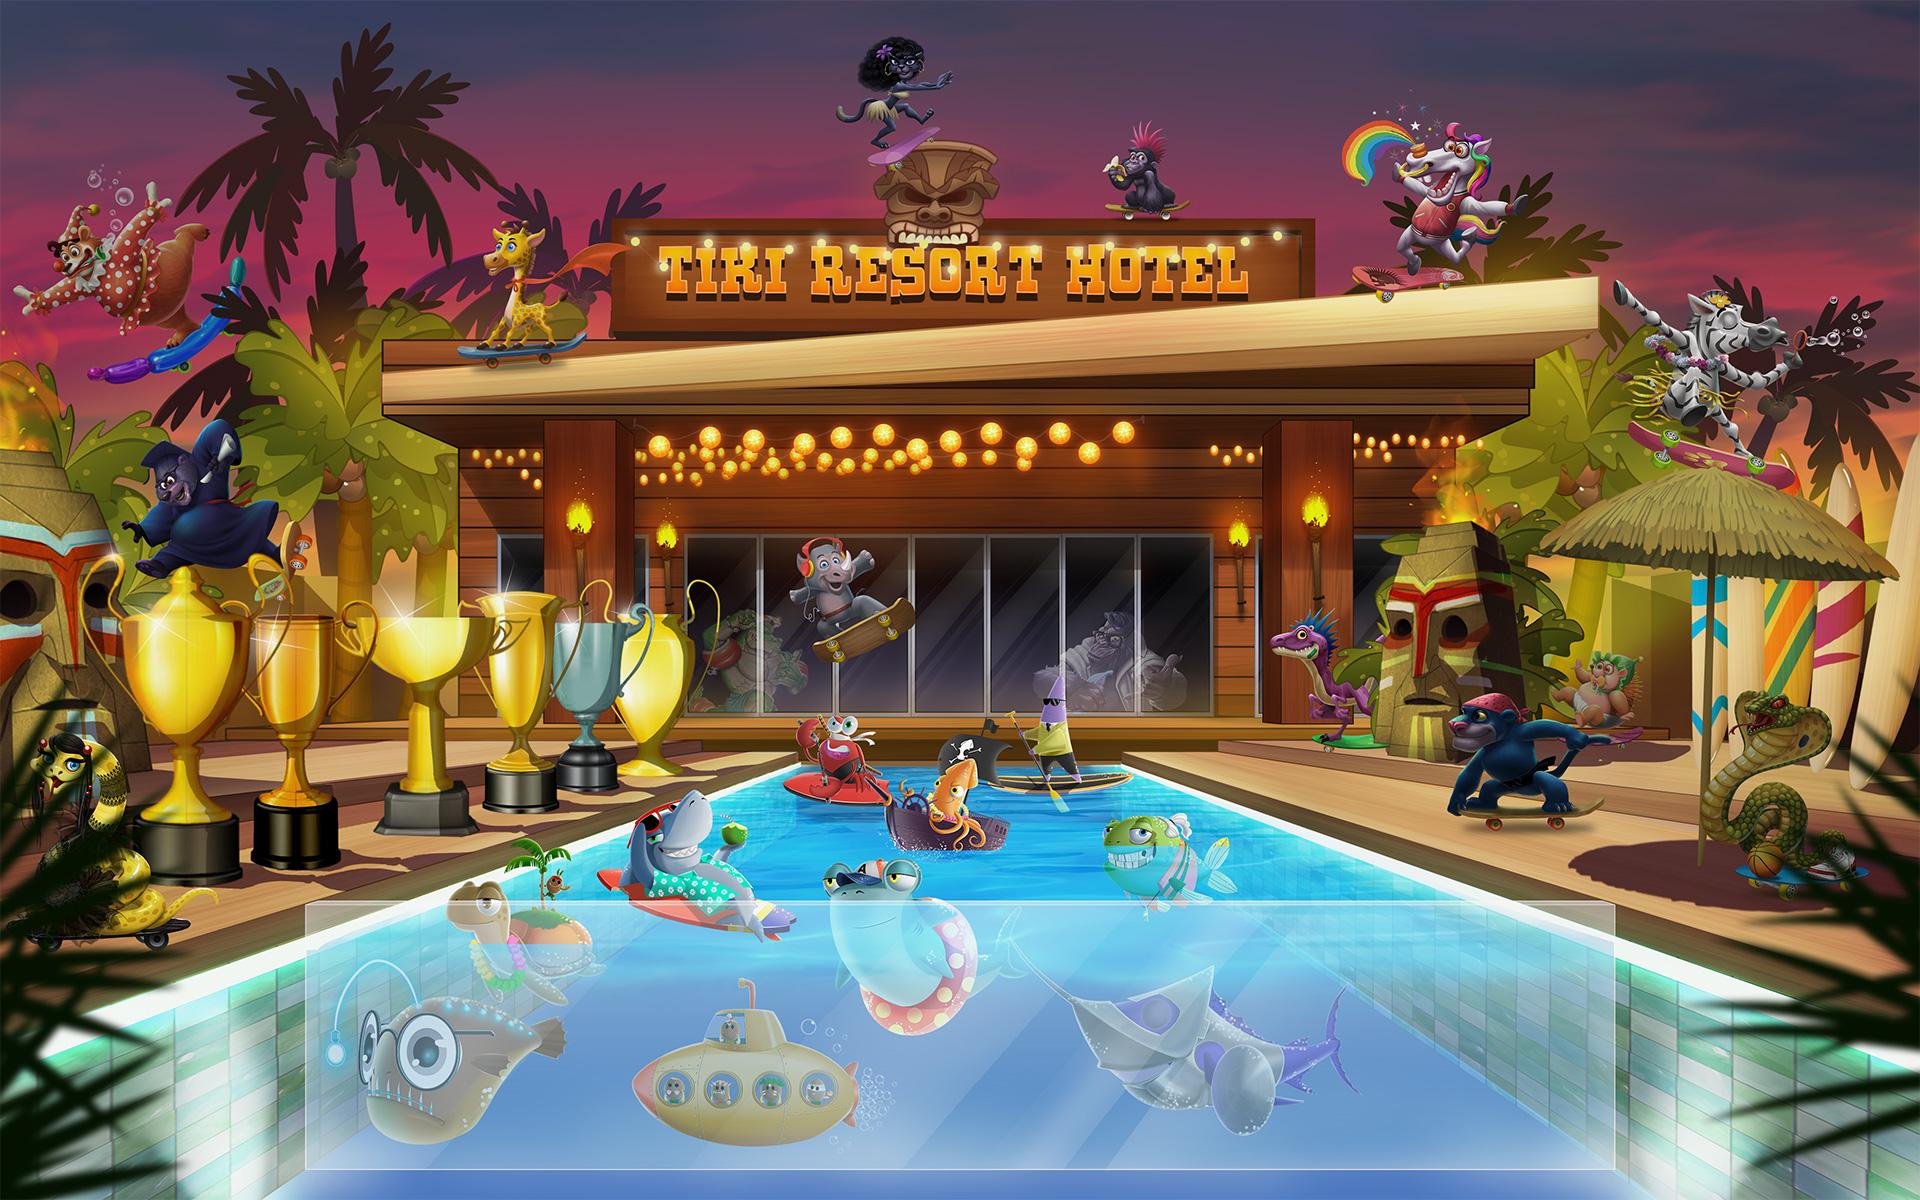 Shaka Shredders Tiki Resort Hotel